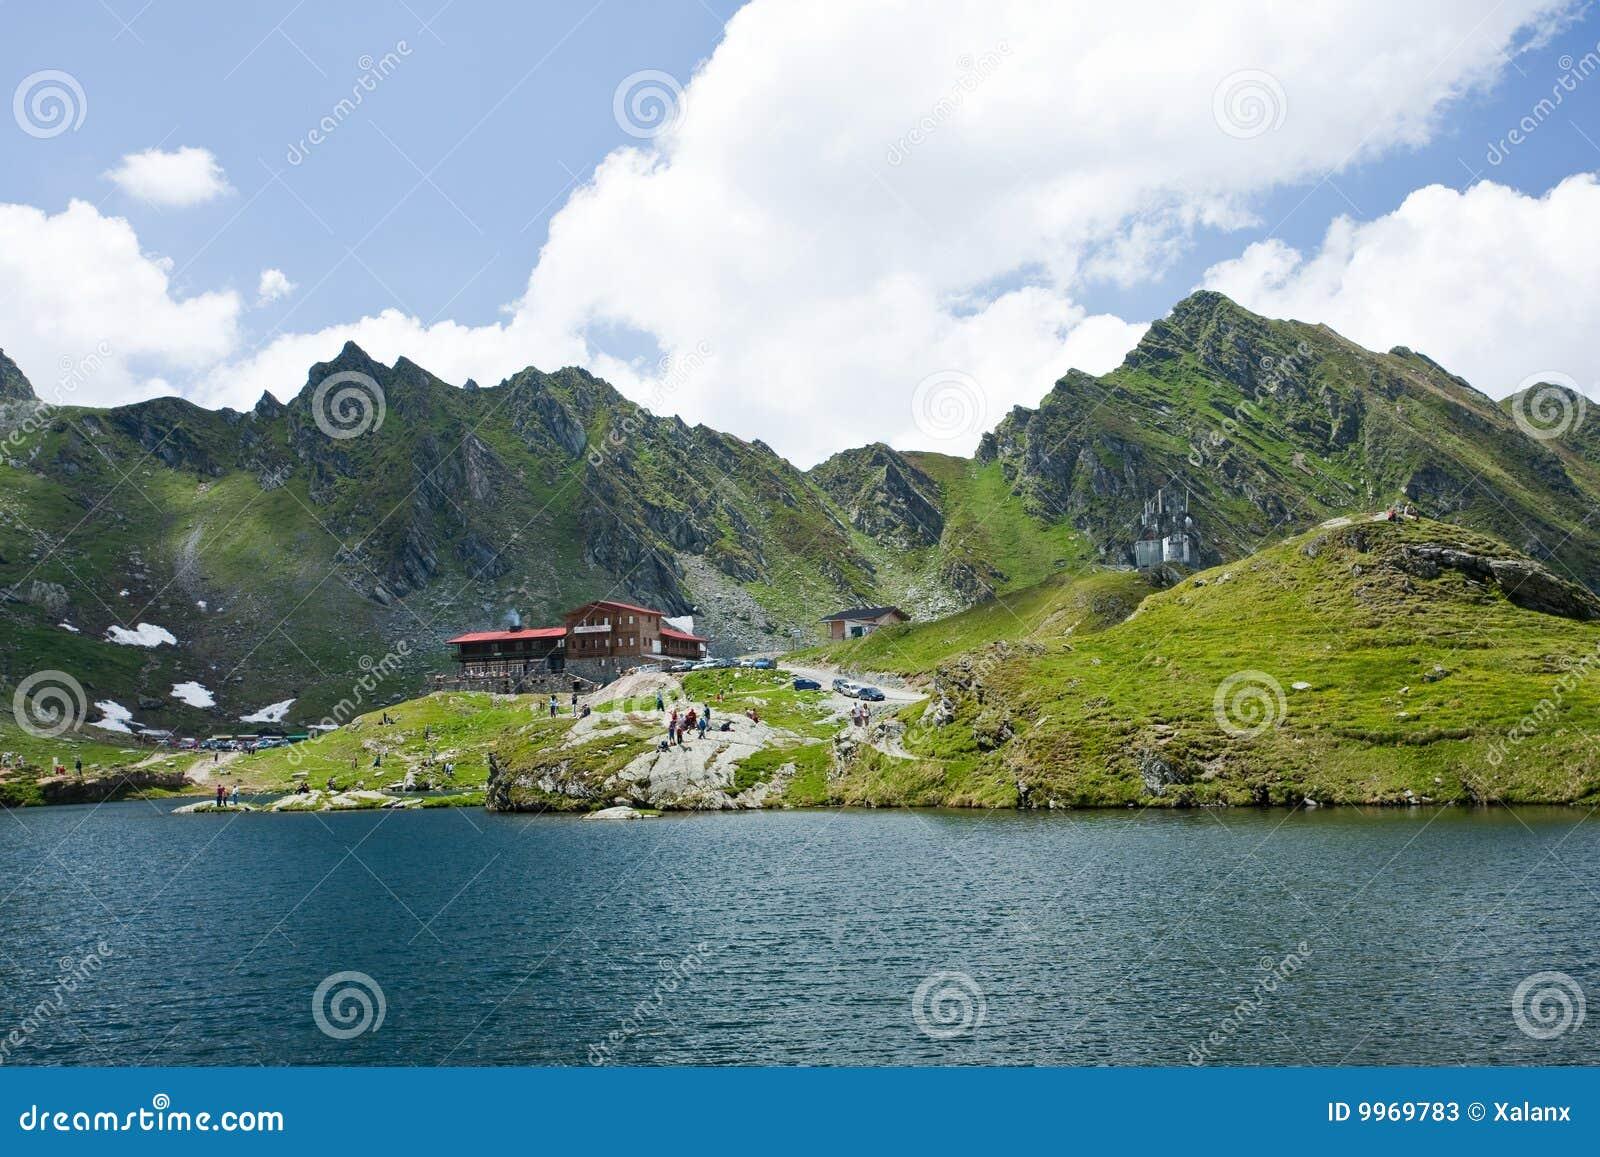 Hotel Und Gaststatte Nahe Balea See In Rumanien Stockbild Bild Von Himmel Sonnig 9969783